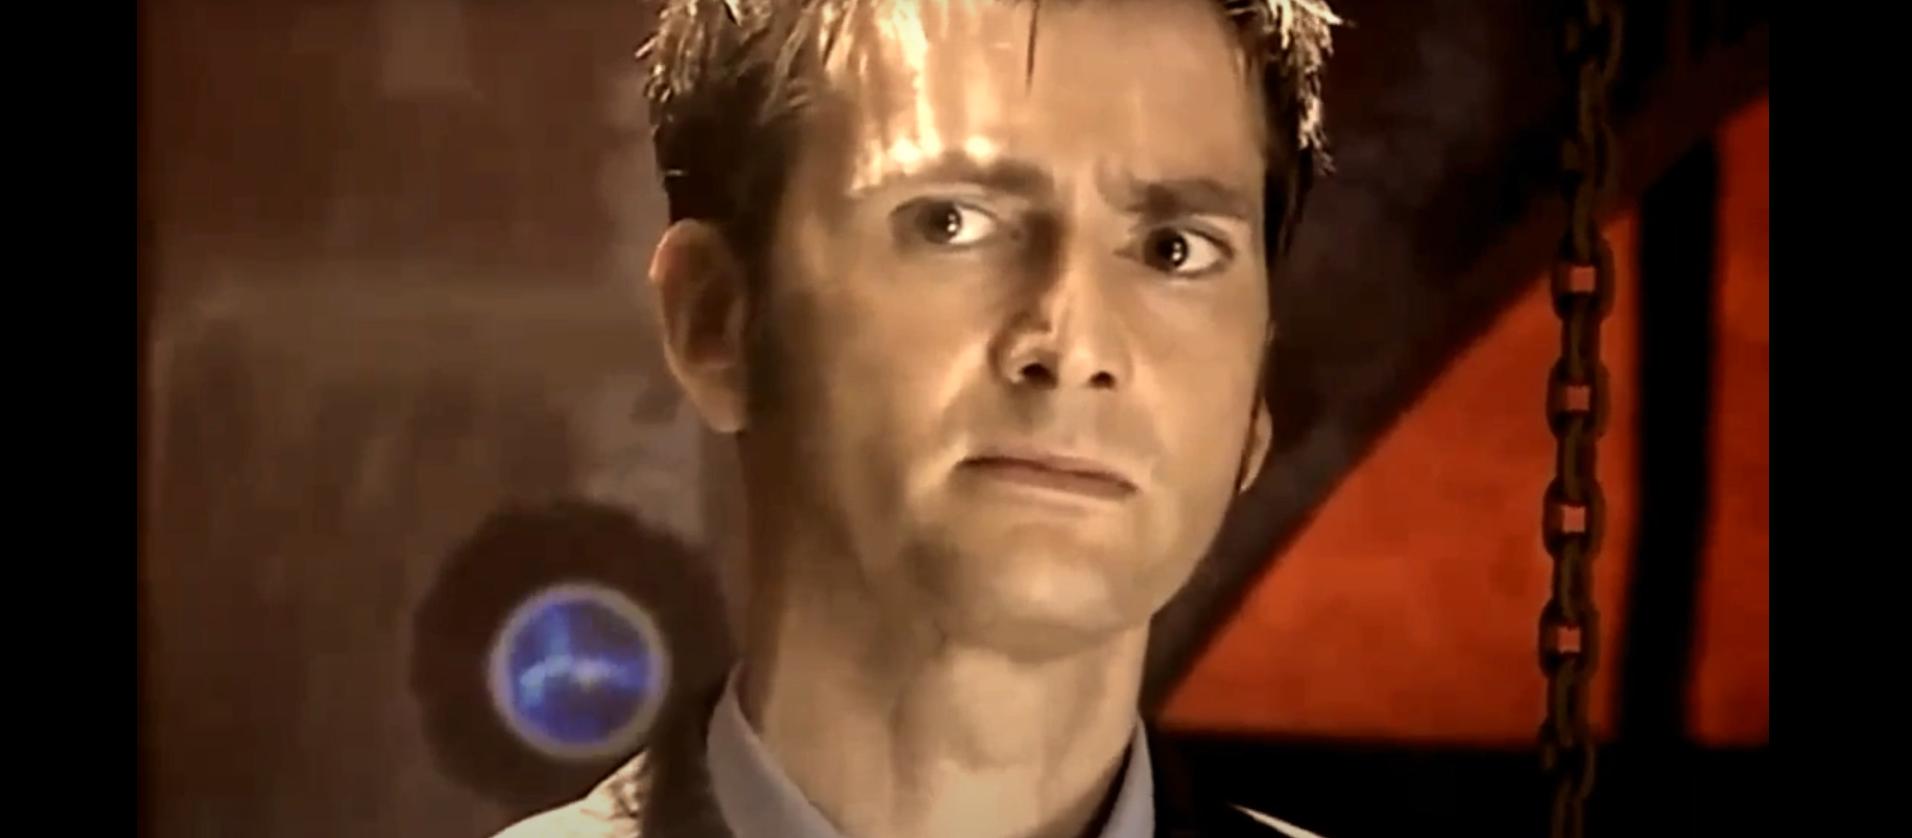 Скриншот из сериала Доктор Кто Десятый Доктор Теннант